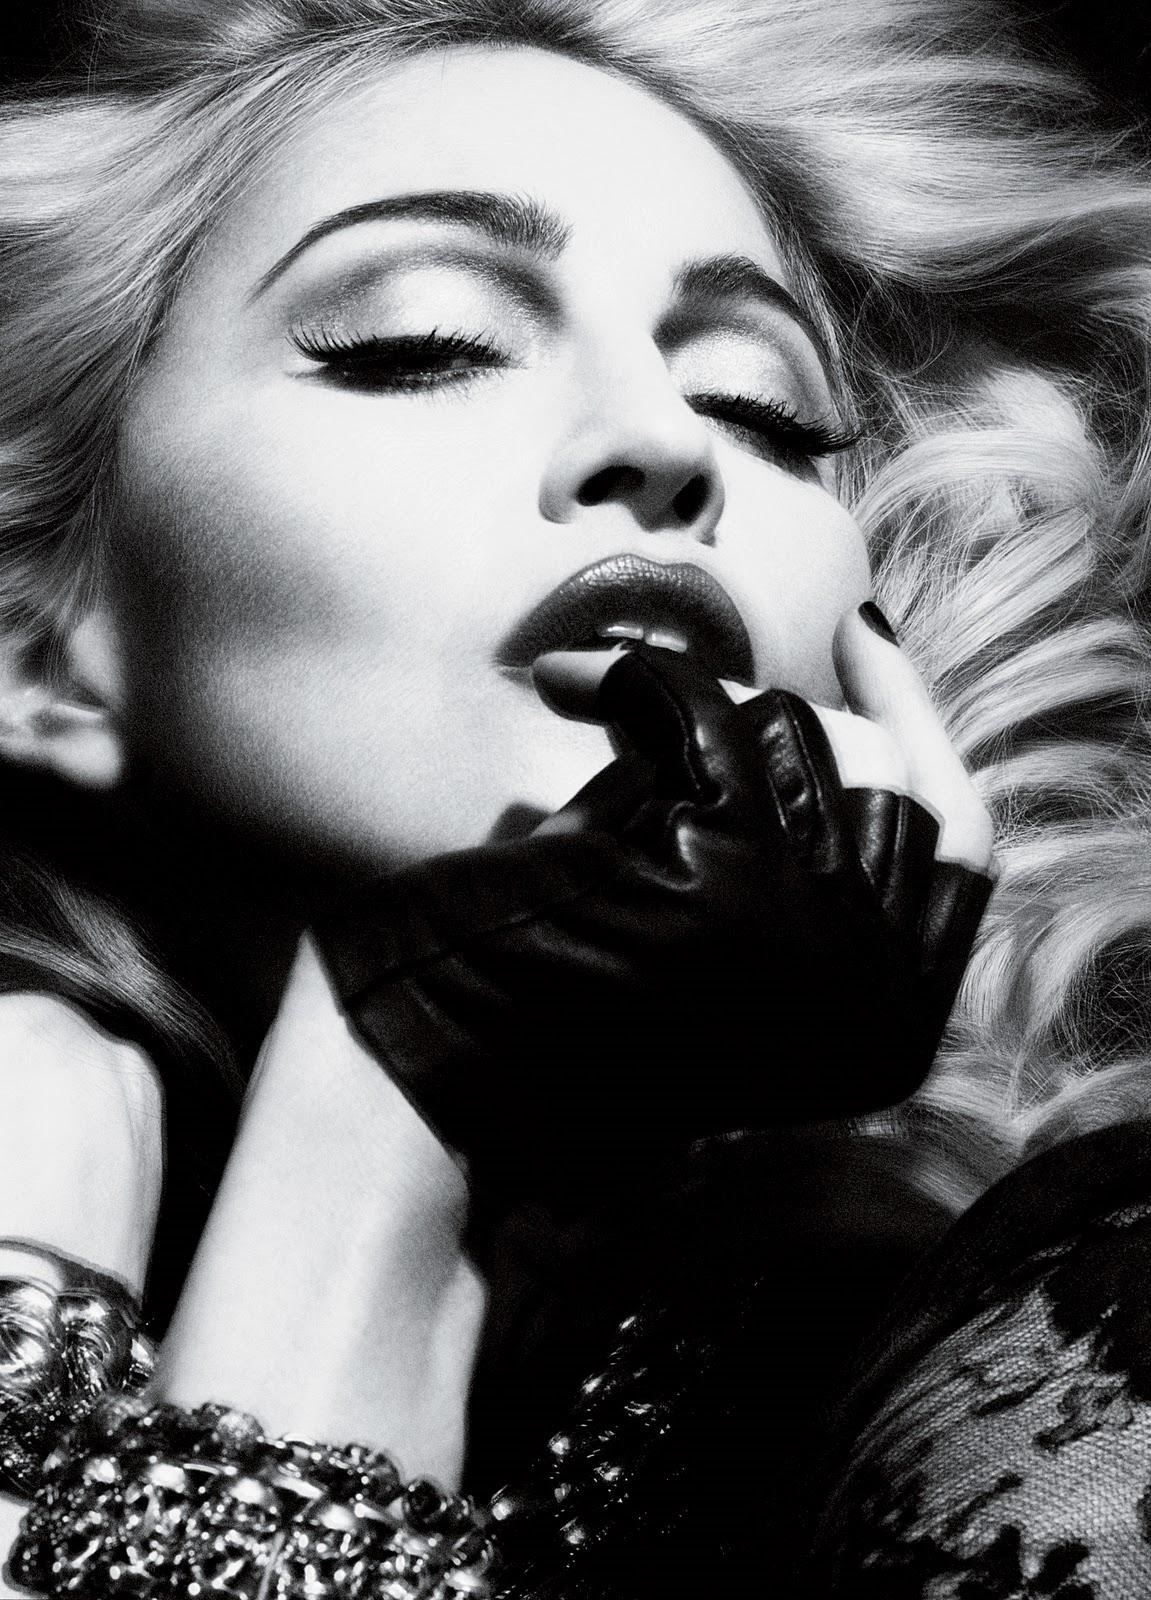 http://4.bp.blogspot.com/_0pynAn-Ksz4/S9_f8R-8_0I/AAAAAAAAJEk/60SgEm3_V2I/s1600/2010+-+Madonna+by+Alas+&+Piggott+for+Interview+-+02.jpg